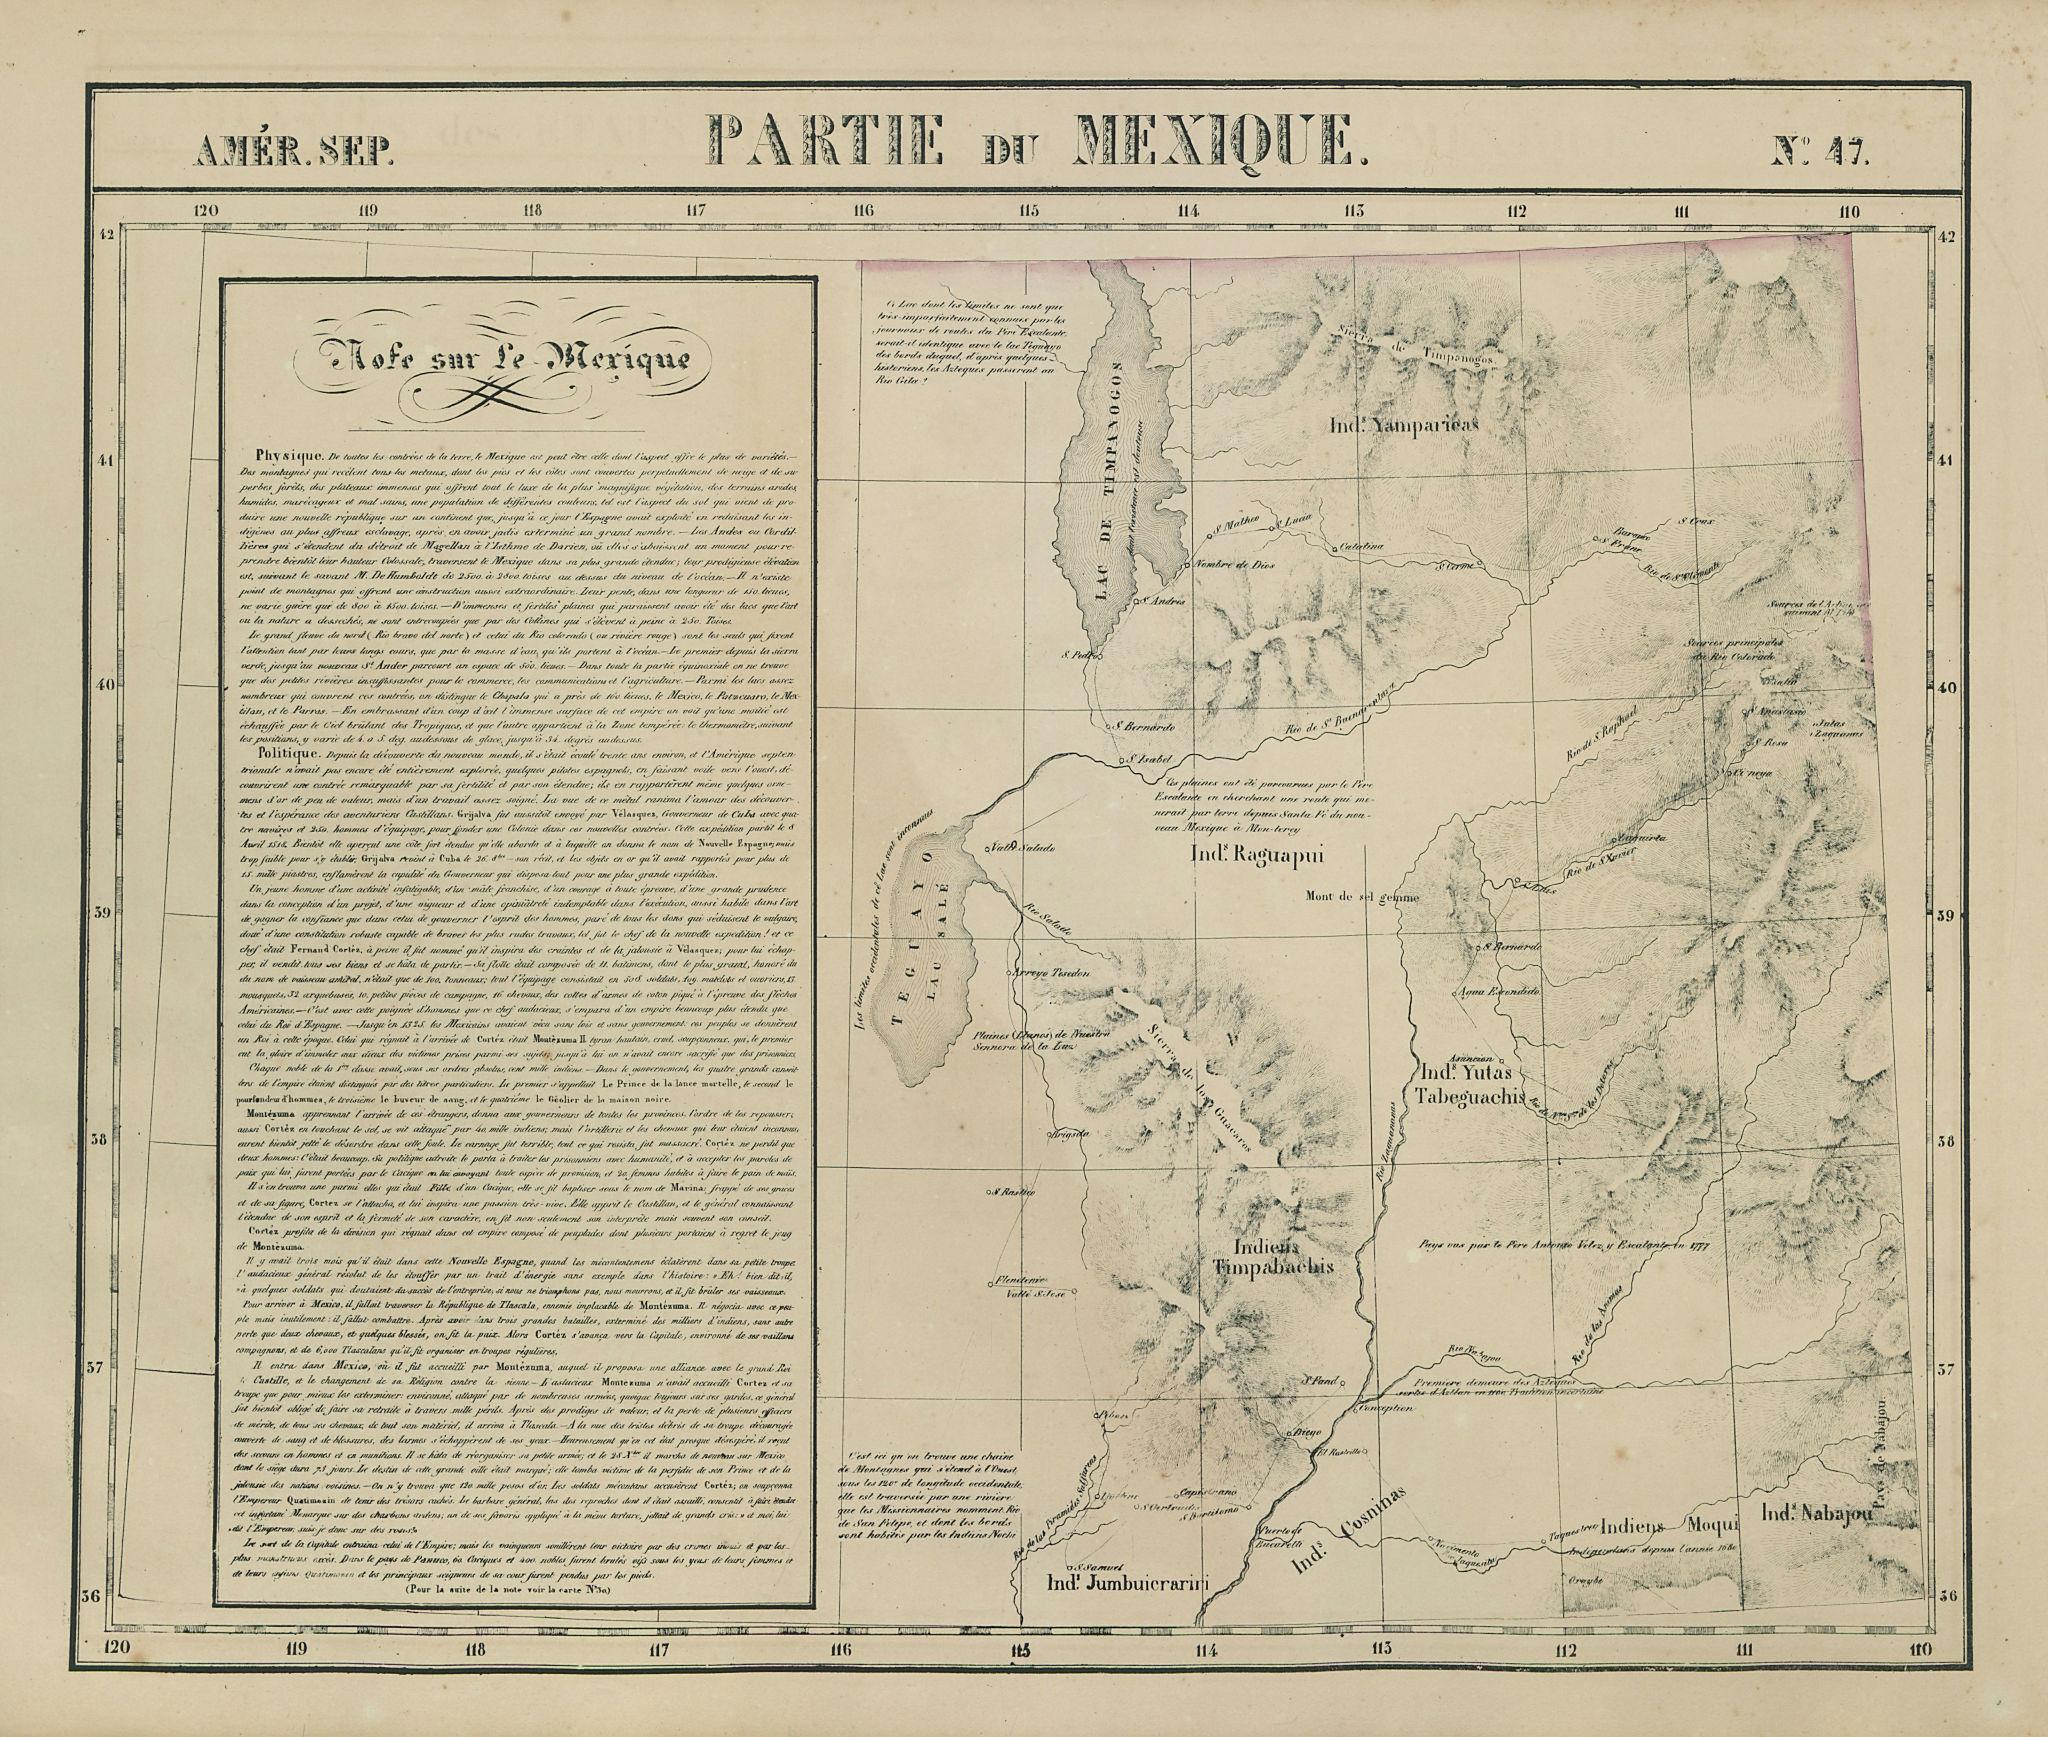 Amér. Sep. Partie de Mexique #47. Utah. Great Salt Lake. VANDERMAELEN 1827 map